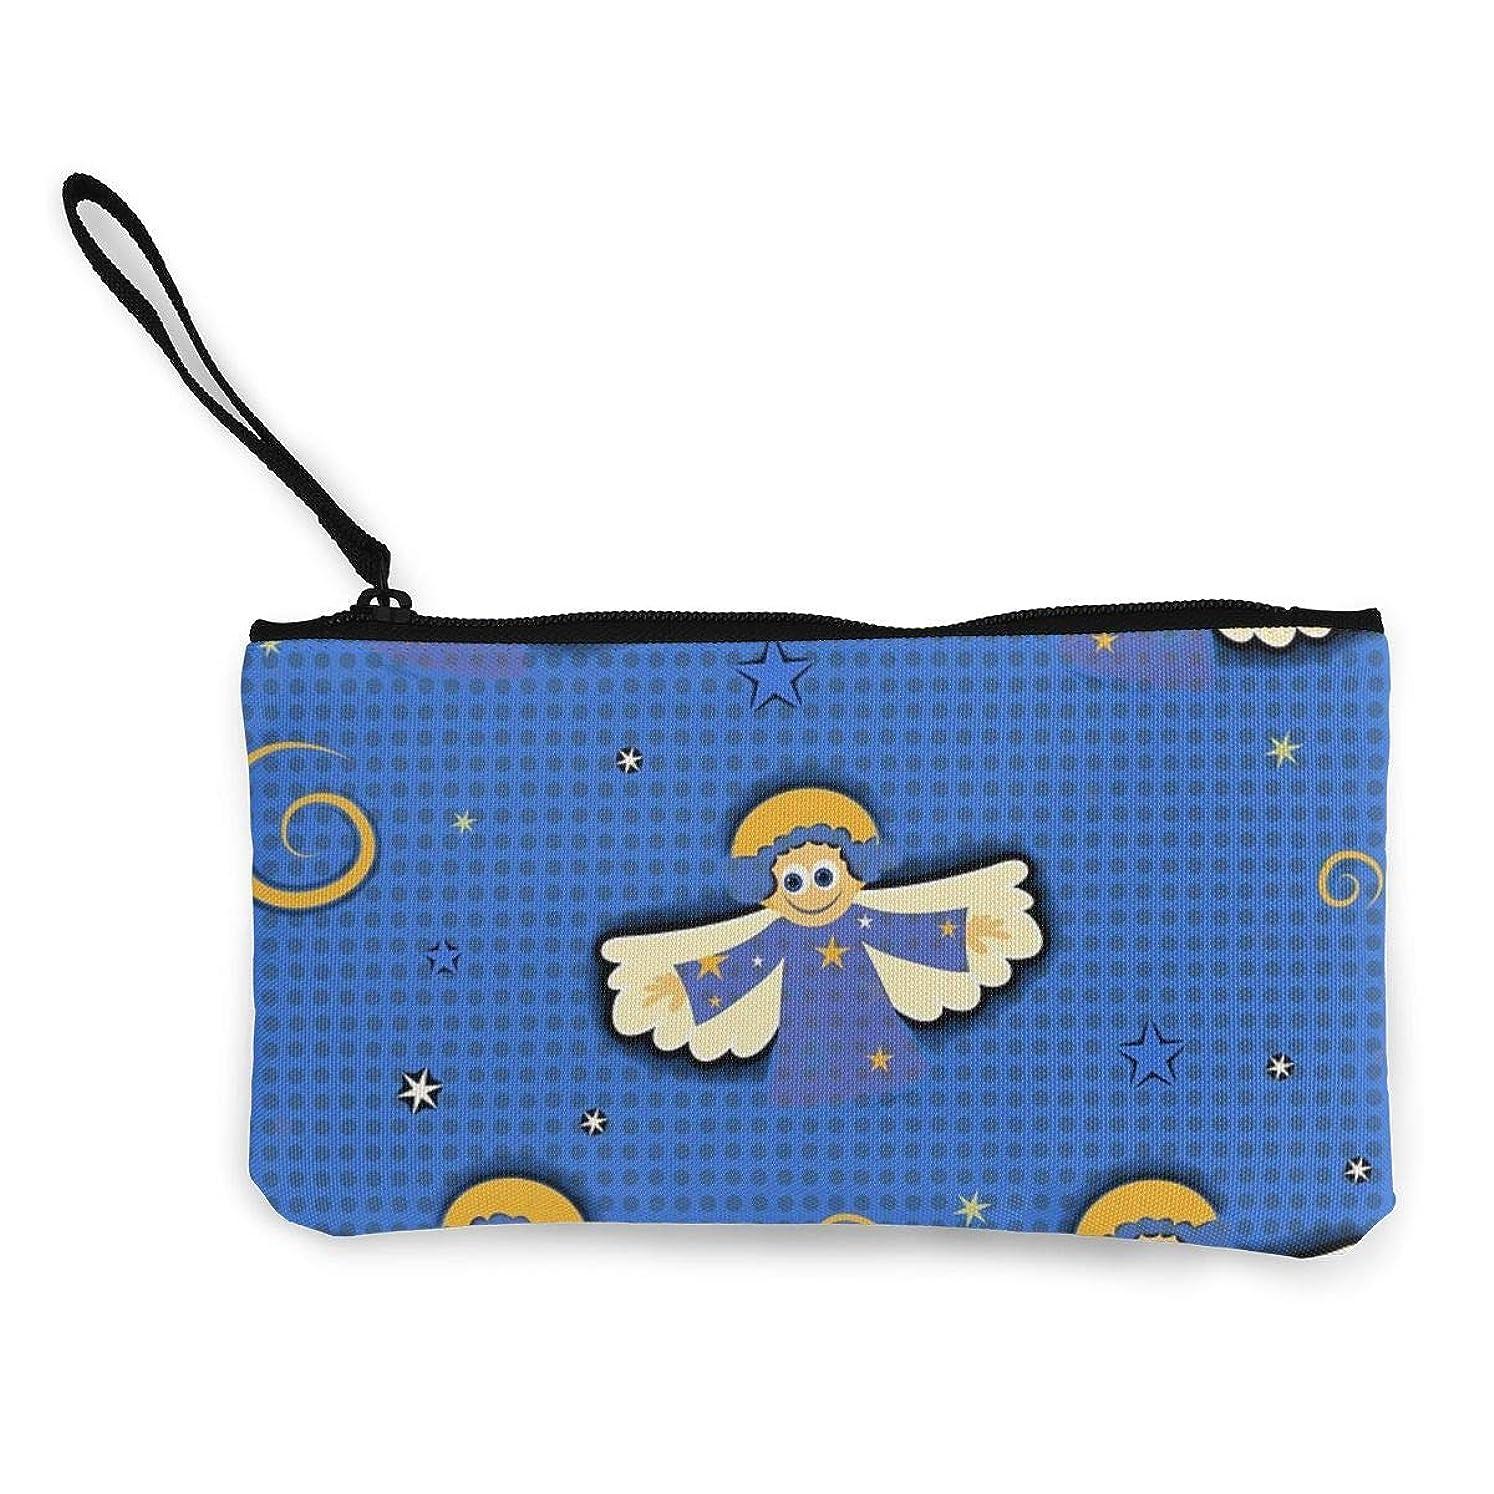 ヒップ地質学みなさんErmiCo レディース 小銭入れ キャンバス財布 可愛い マンガ 天使 小遣い財布 財布 鍵 小物 充電器 収納 長財布 ファスナー付き 22×12cm